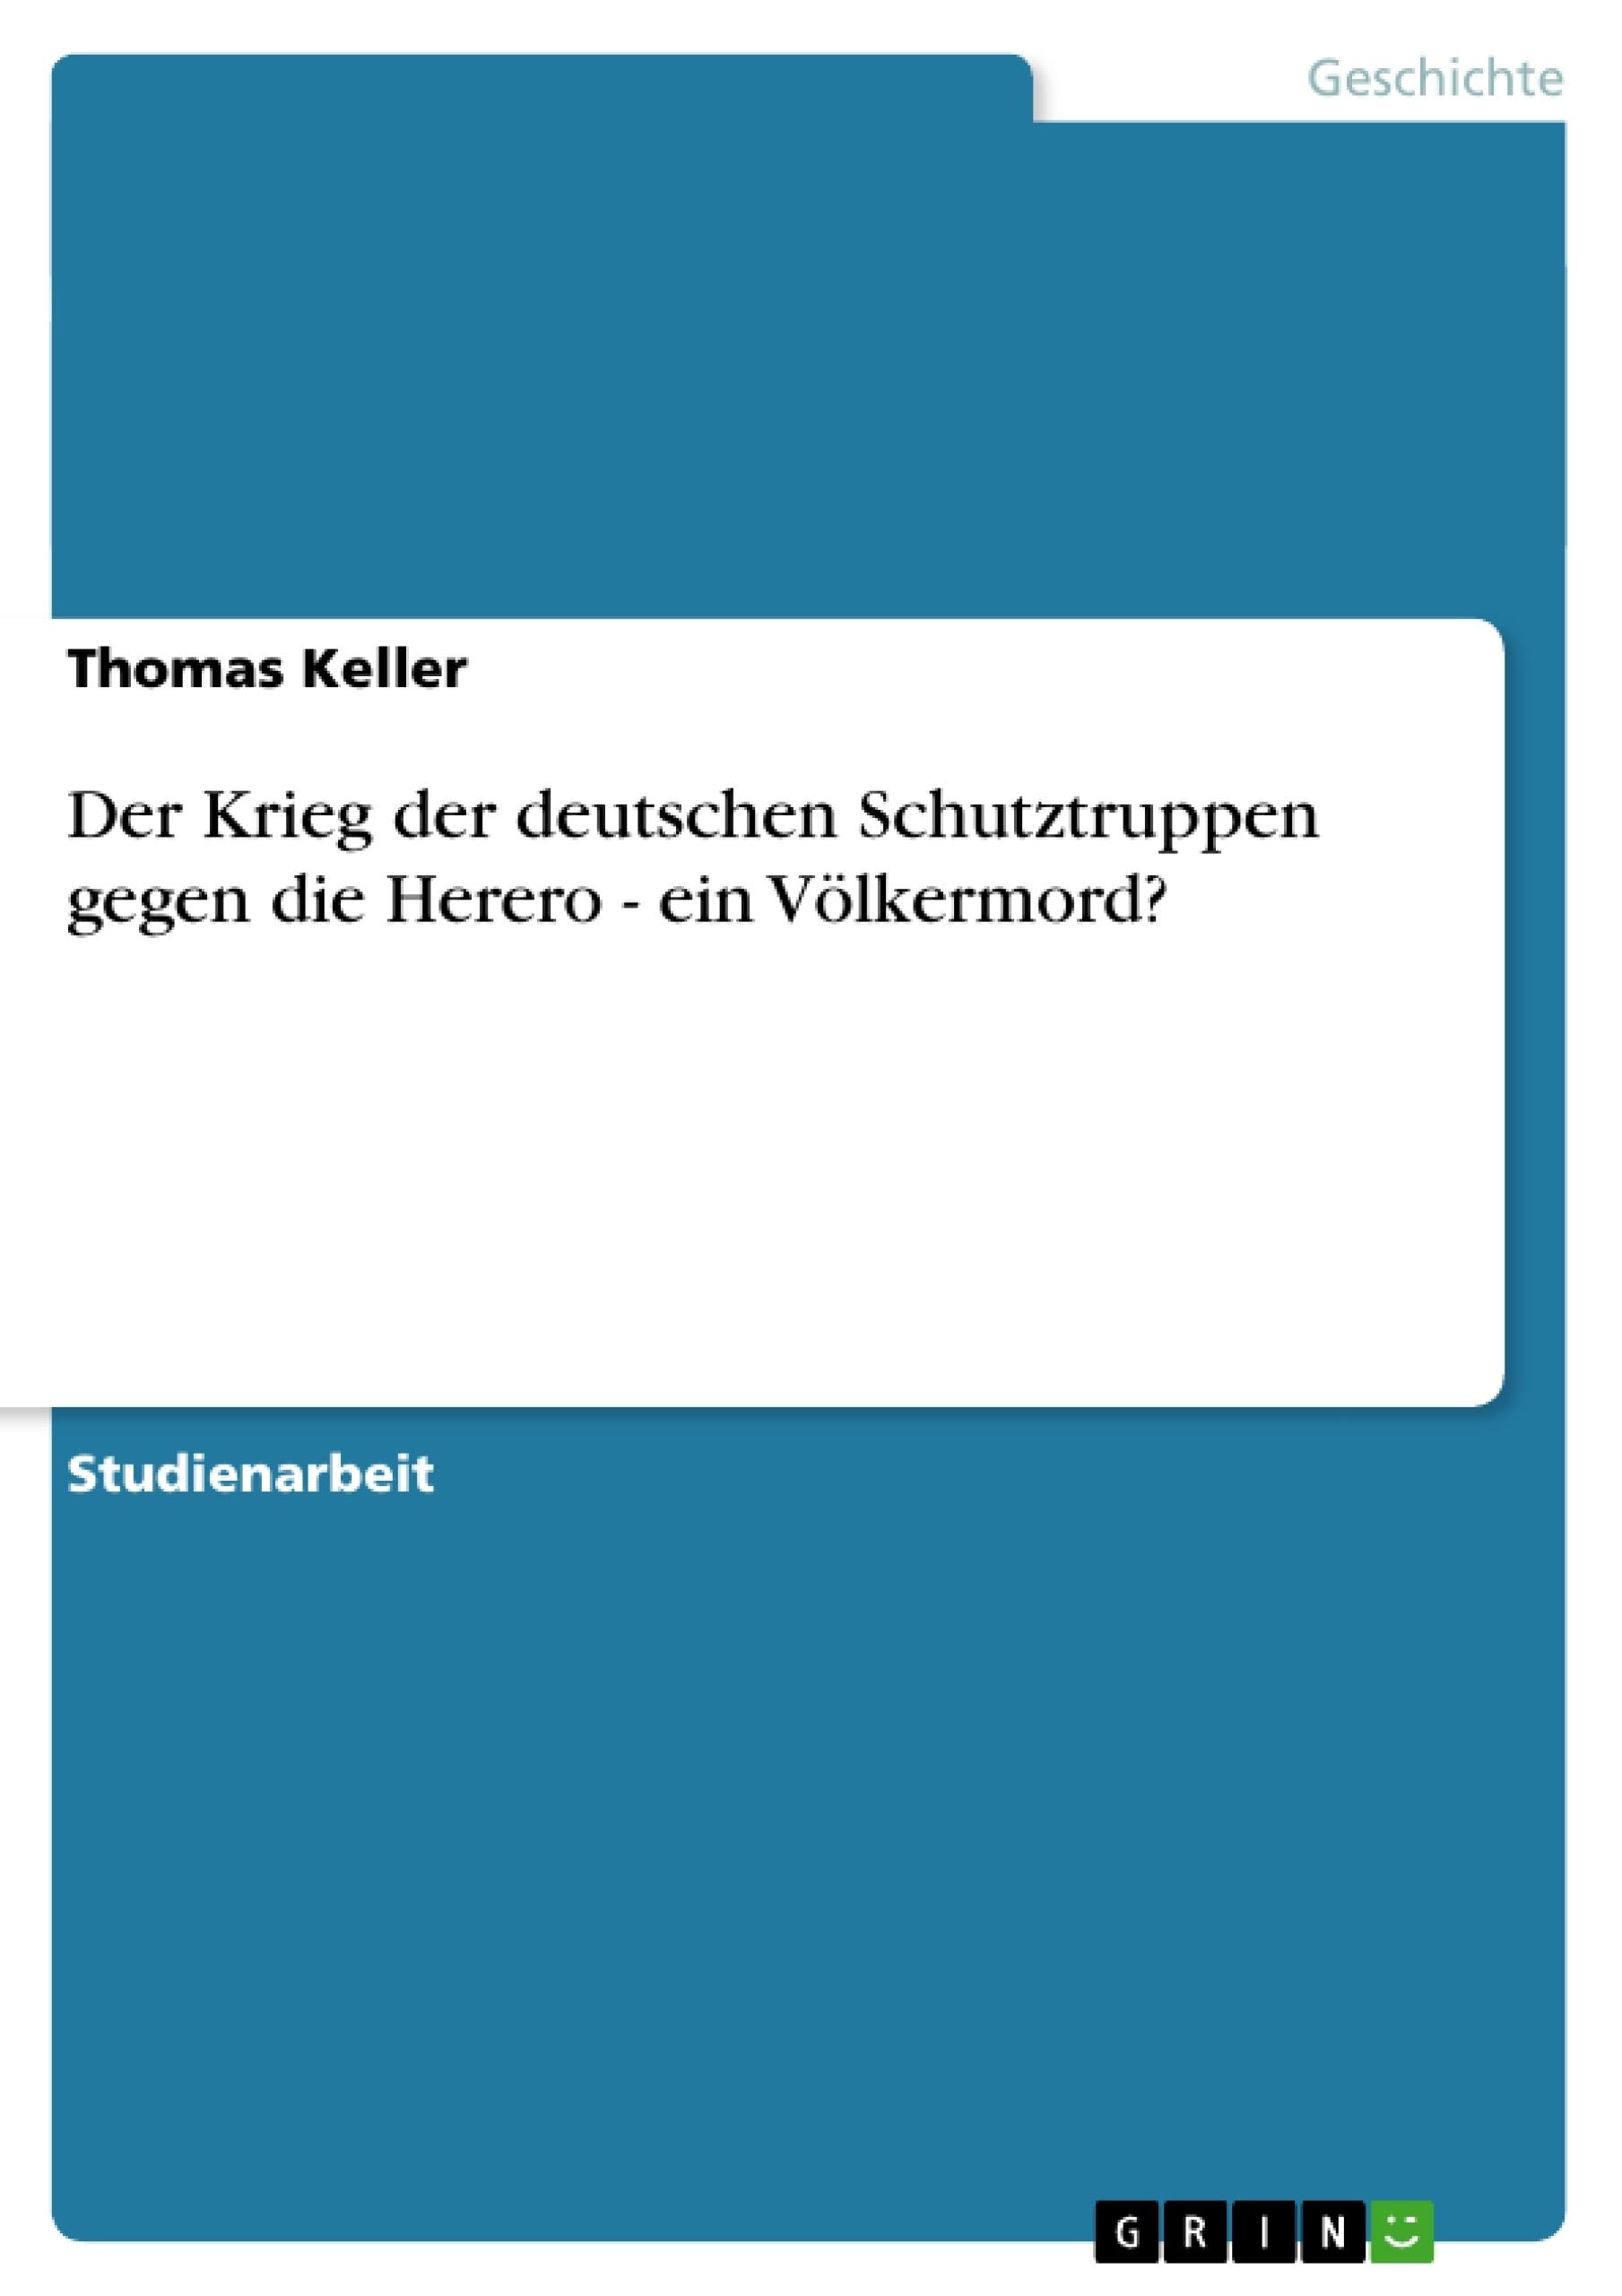 Titel: Der Krieg der deutschen Schutztruppen gegen die Herero - ein Völkermord?